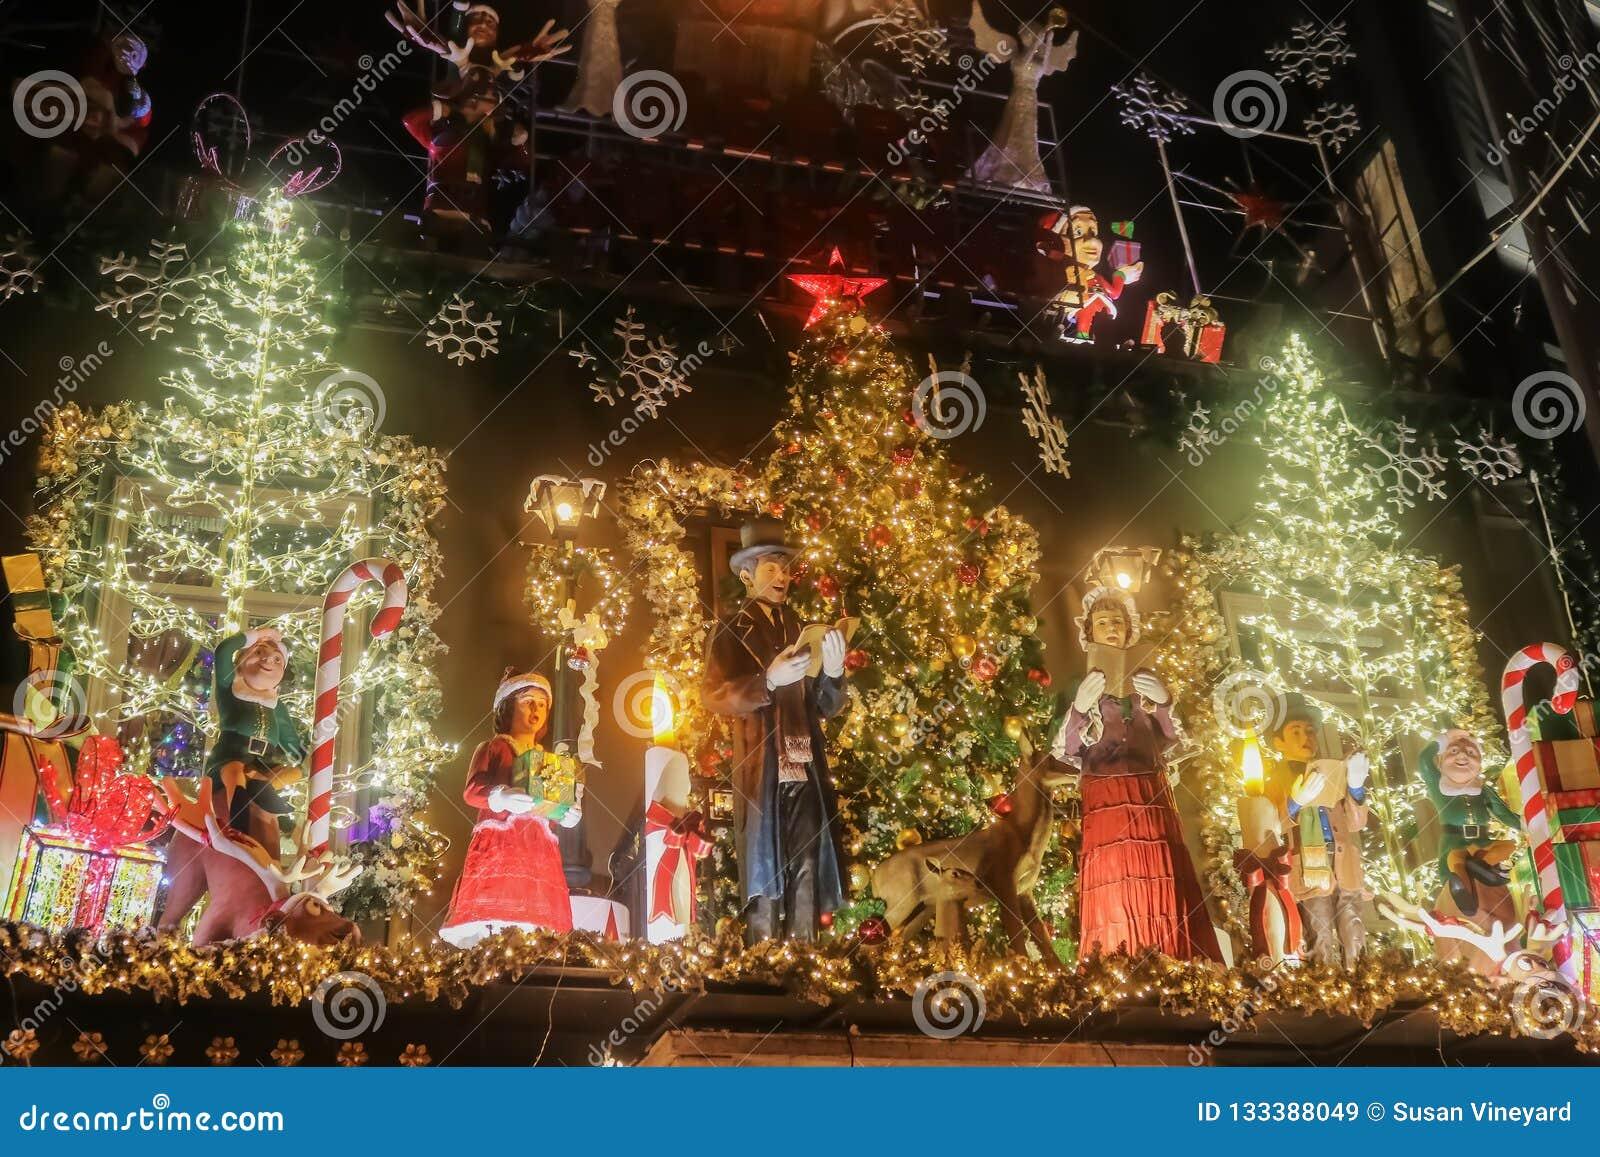 Περίκομψη αναμμένη επάνω επίδειξη Χριστουγέννων τη νύχτα επάνω από λίγο κατάστημα Kooks κεντρικός με τα δέντρα και τα carolers